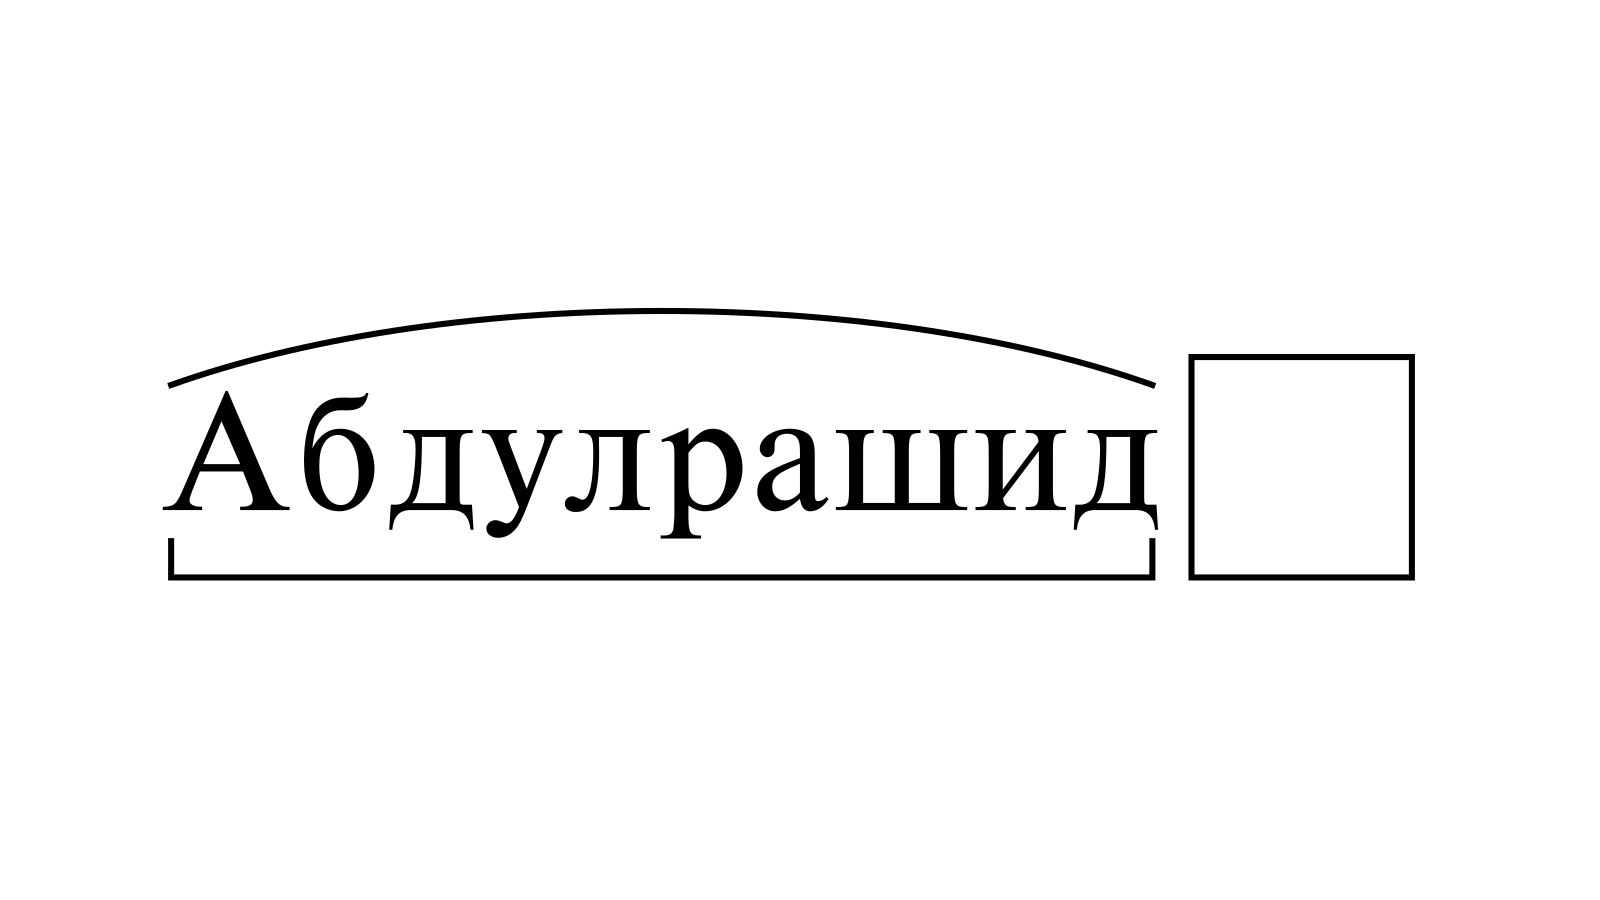 Разбор слова «Абдулрашид» по составу